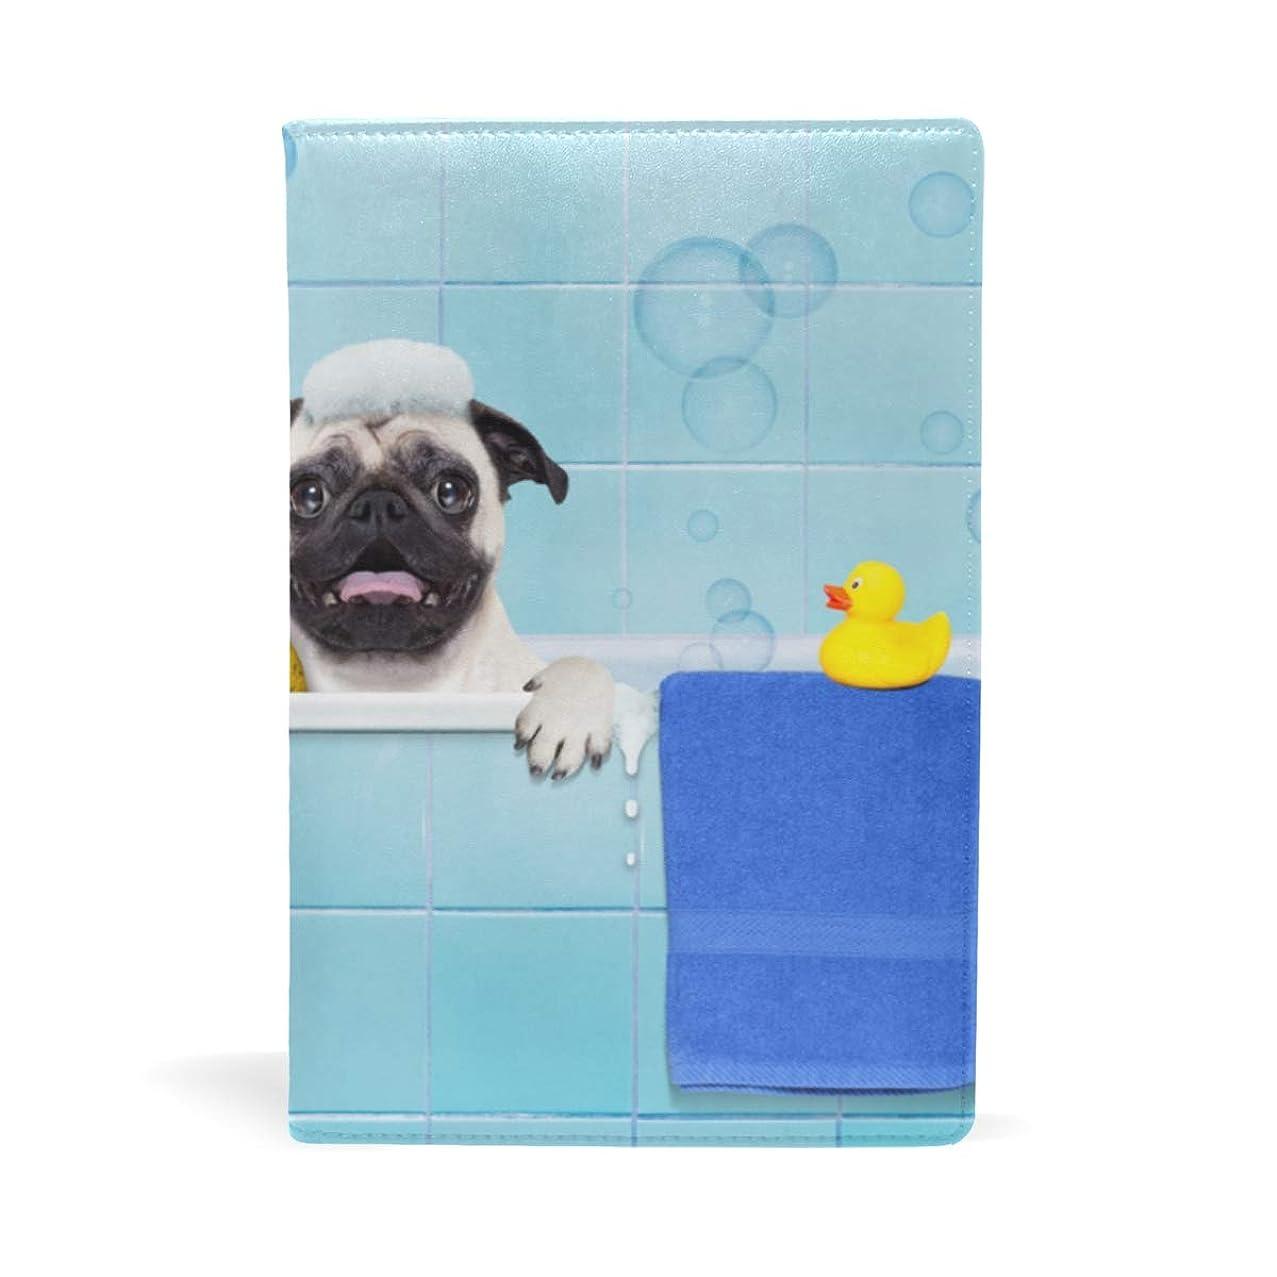 マグ虹メモシャワー浴びる犬 ブックカバー 文庫 a5 皮革 おしゃれ 文庫本カバー 資料 収納入れ オフィス用品 読書 雑貨 プレゼント耐久性に優れ